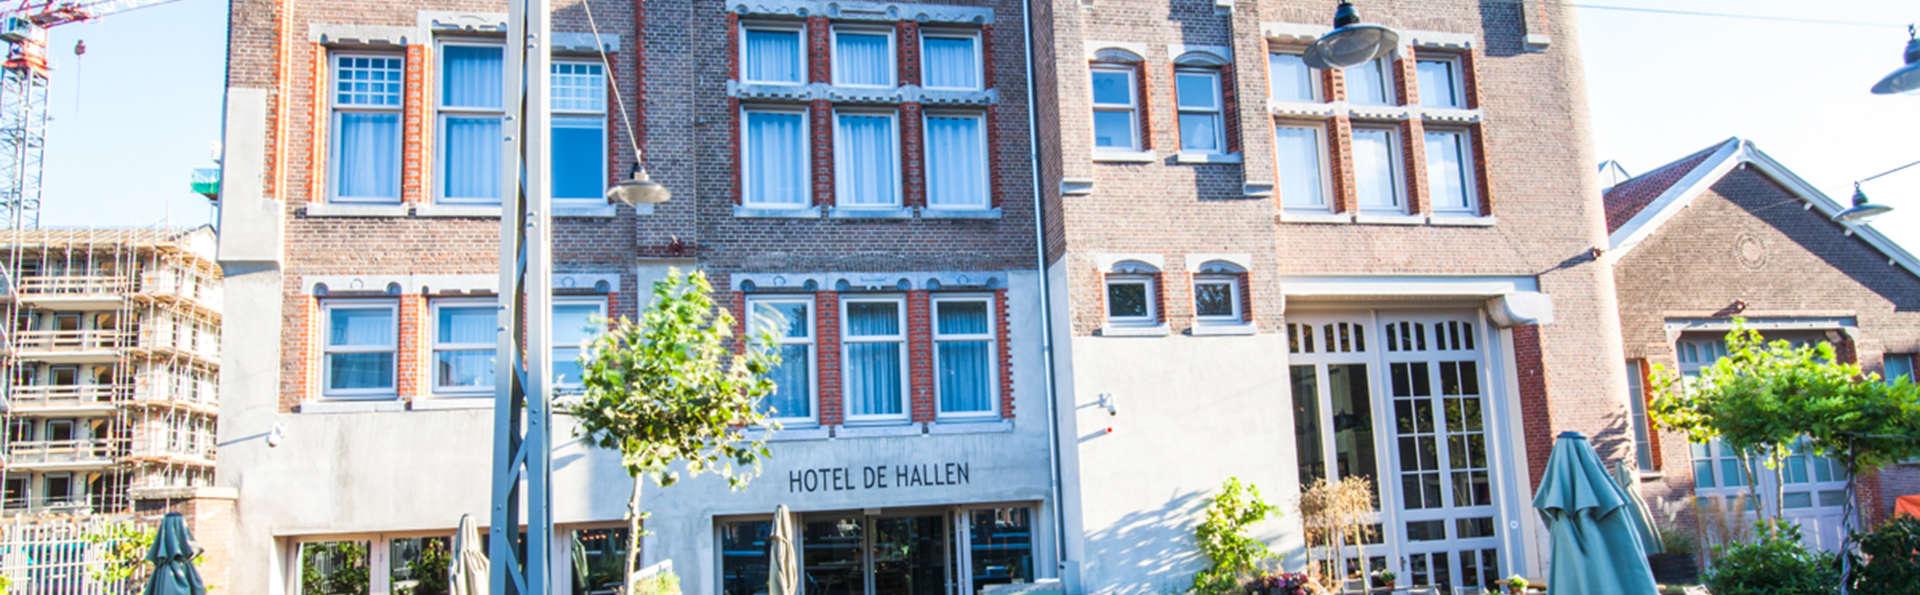 Hotel De Hallen - EDIT_Hotel_De_Hallen_Entrance.jpg